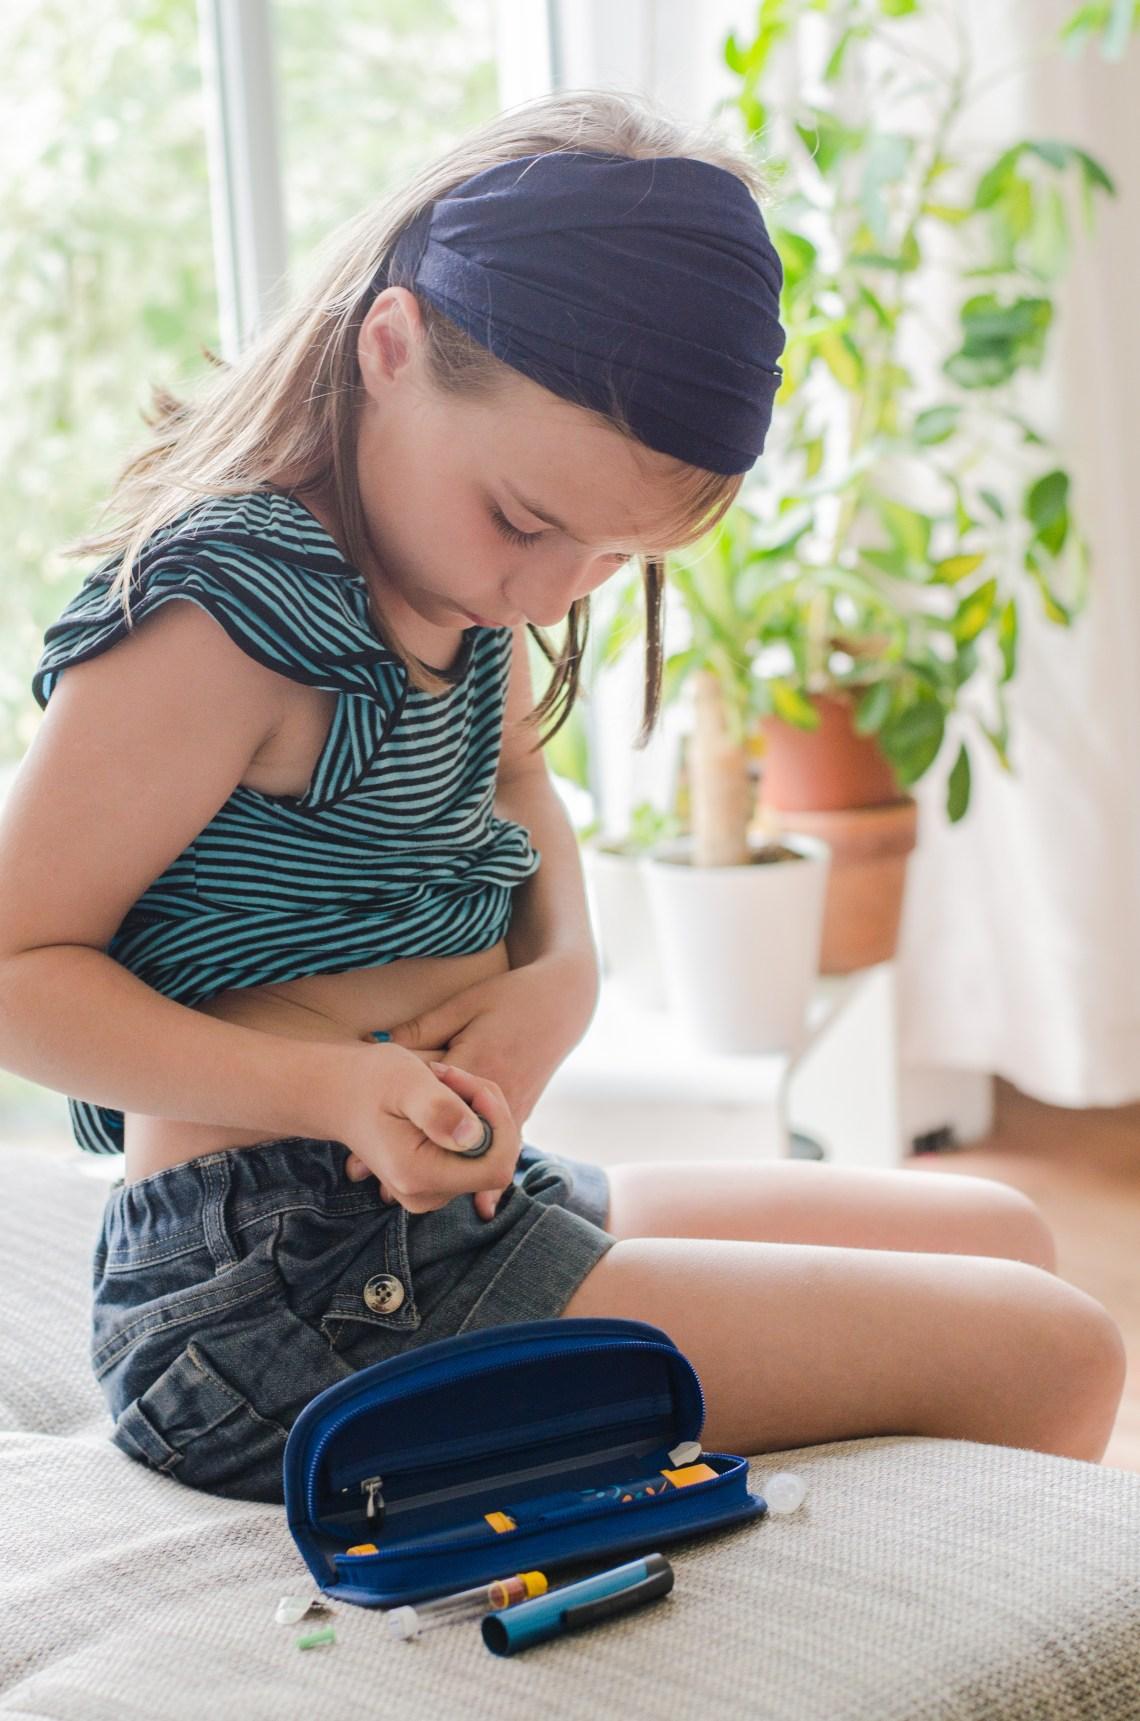 Diabetes: 7 überraschende Symptome - FOCUS Online